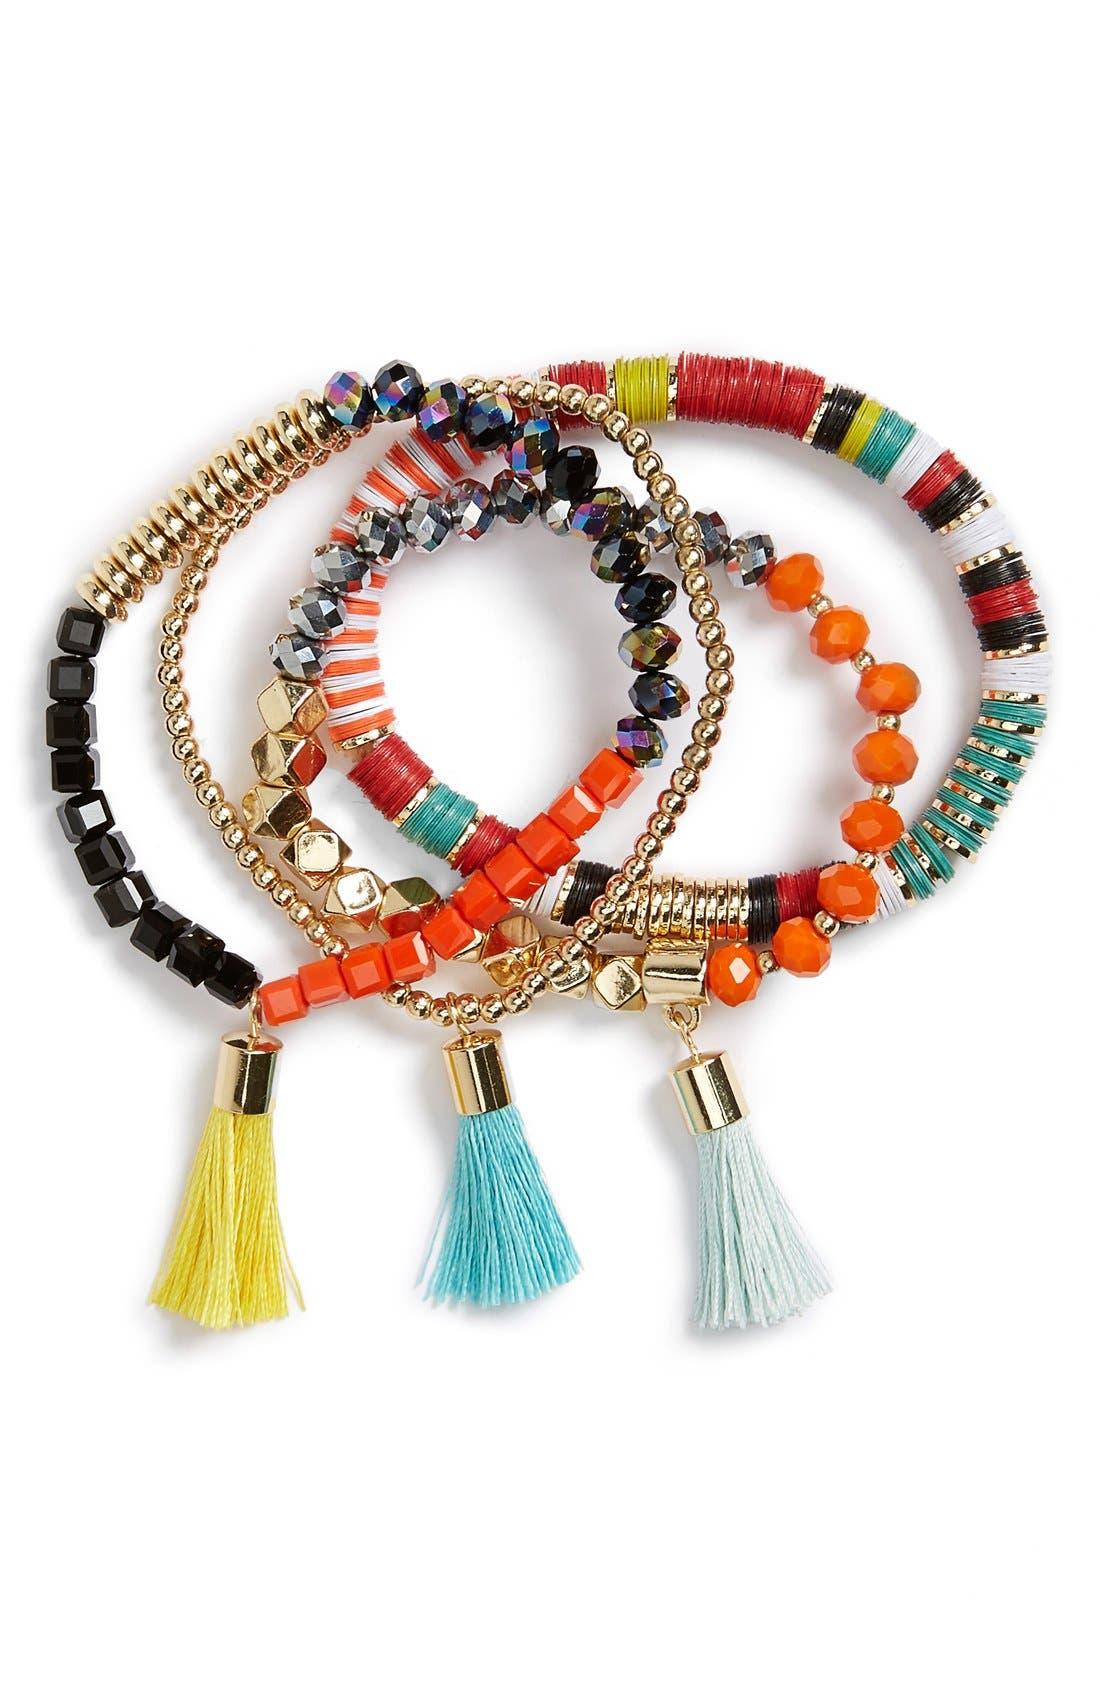 Alternate Image 1 Selected - BaubleBar 'Maldives' Beaded Stretch Bracelets (Set of 4)